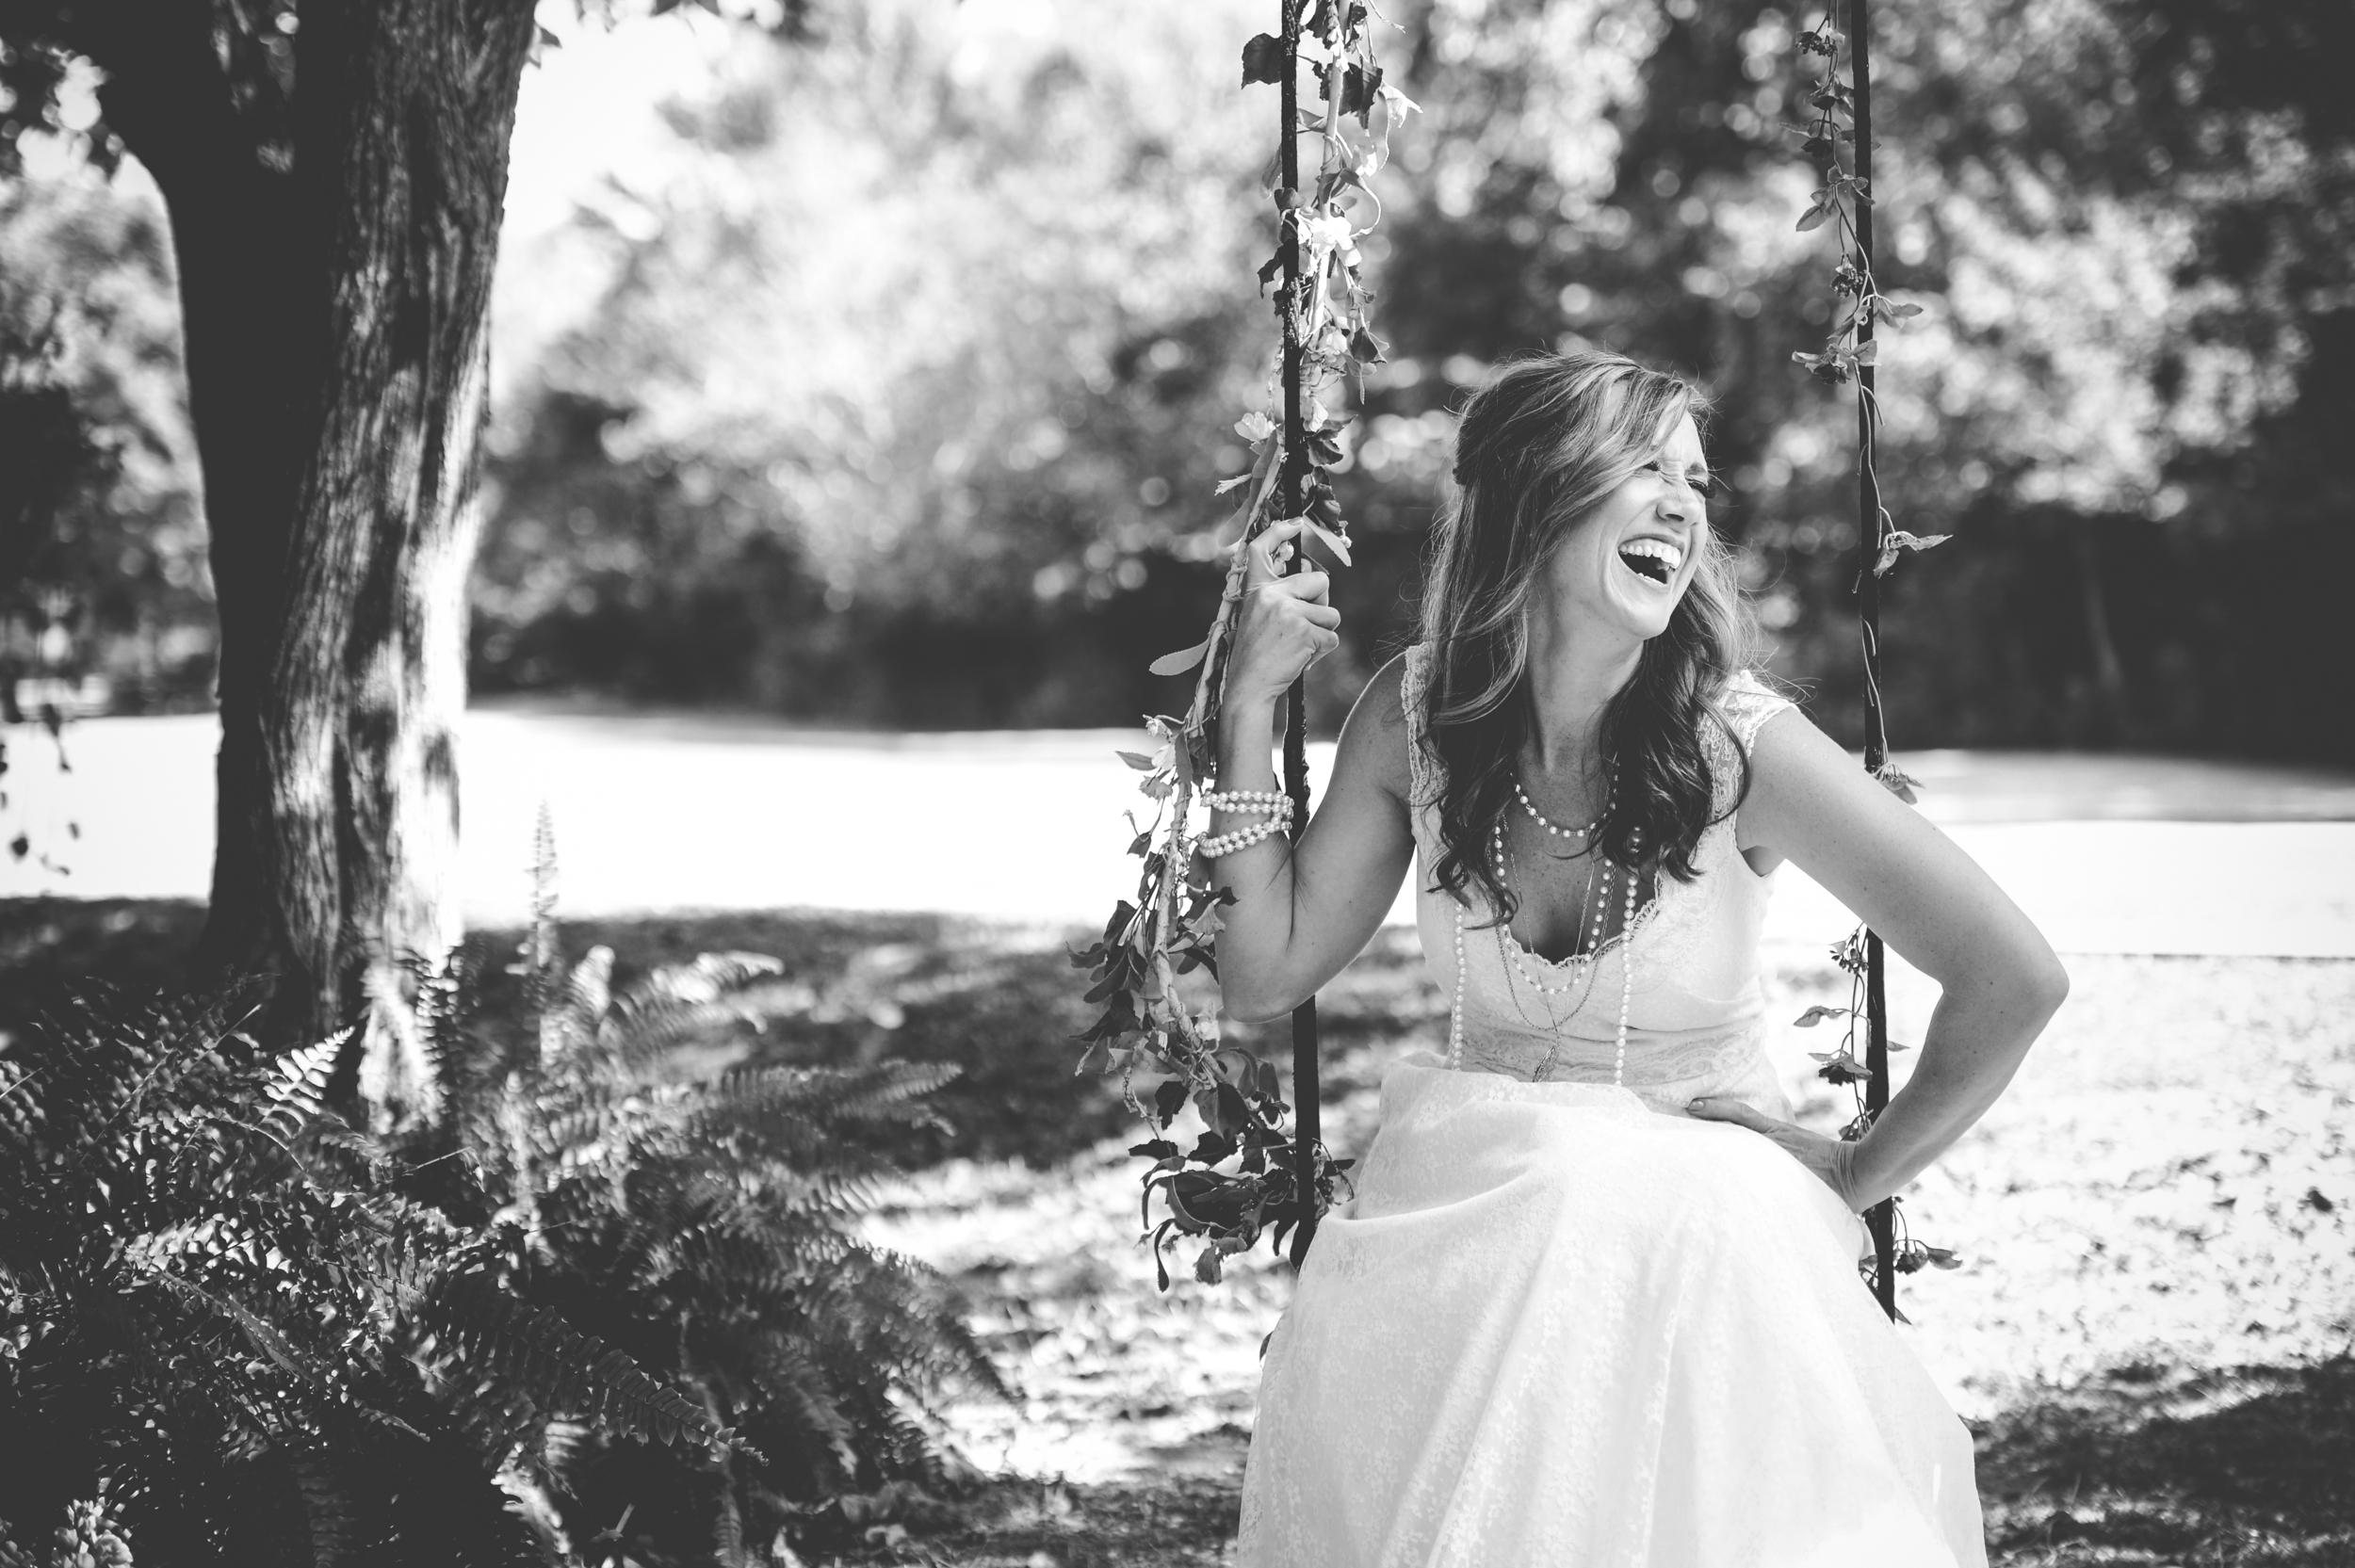 bridals©2015mileswittboyer-29.jpg